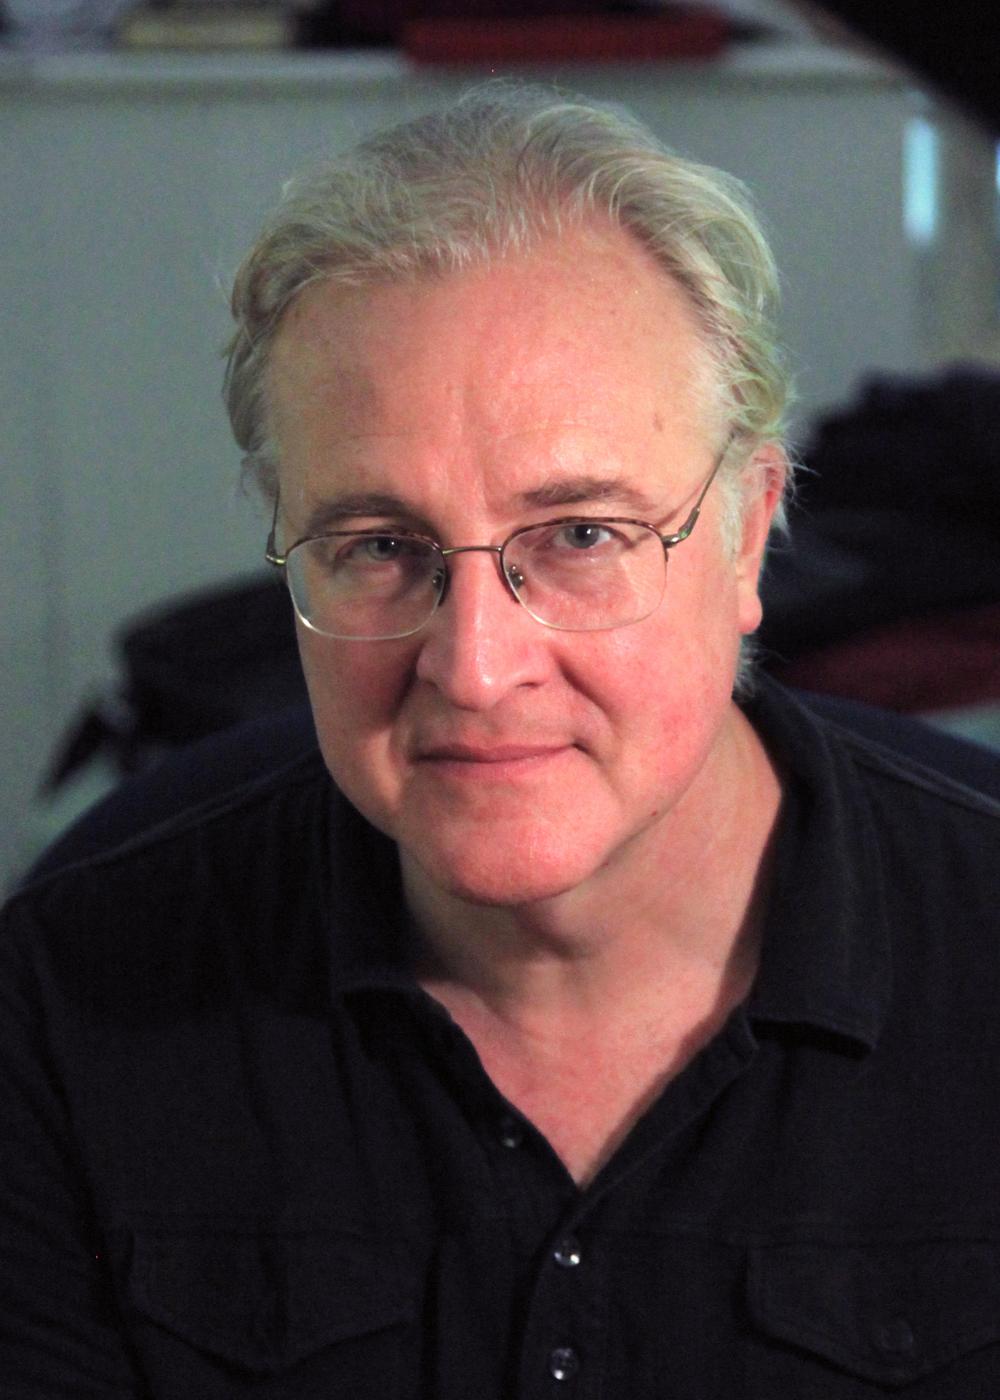 Paul Moravec